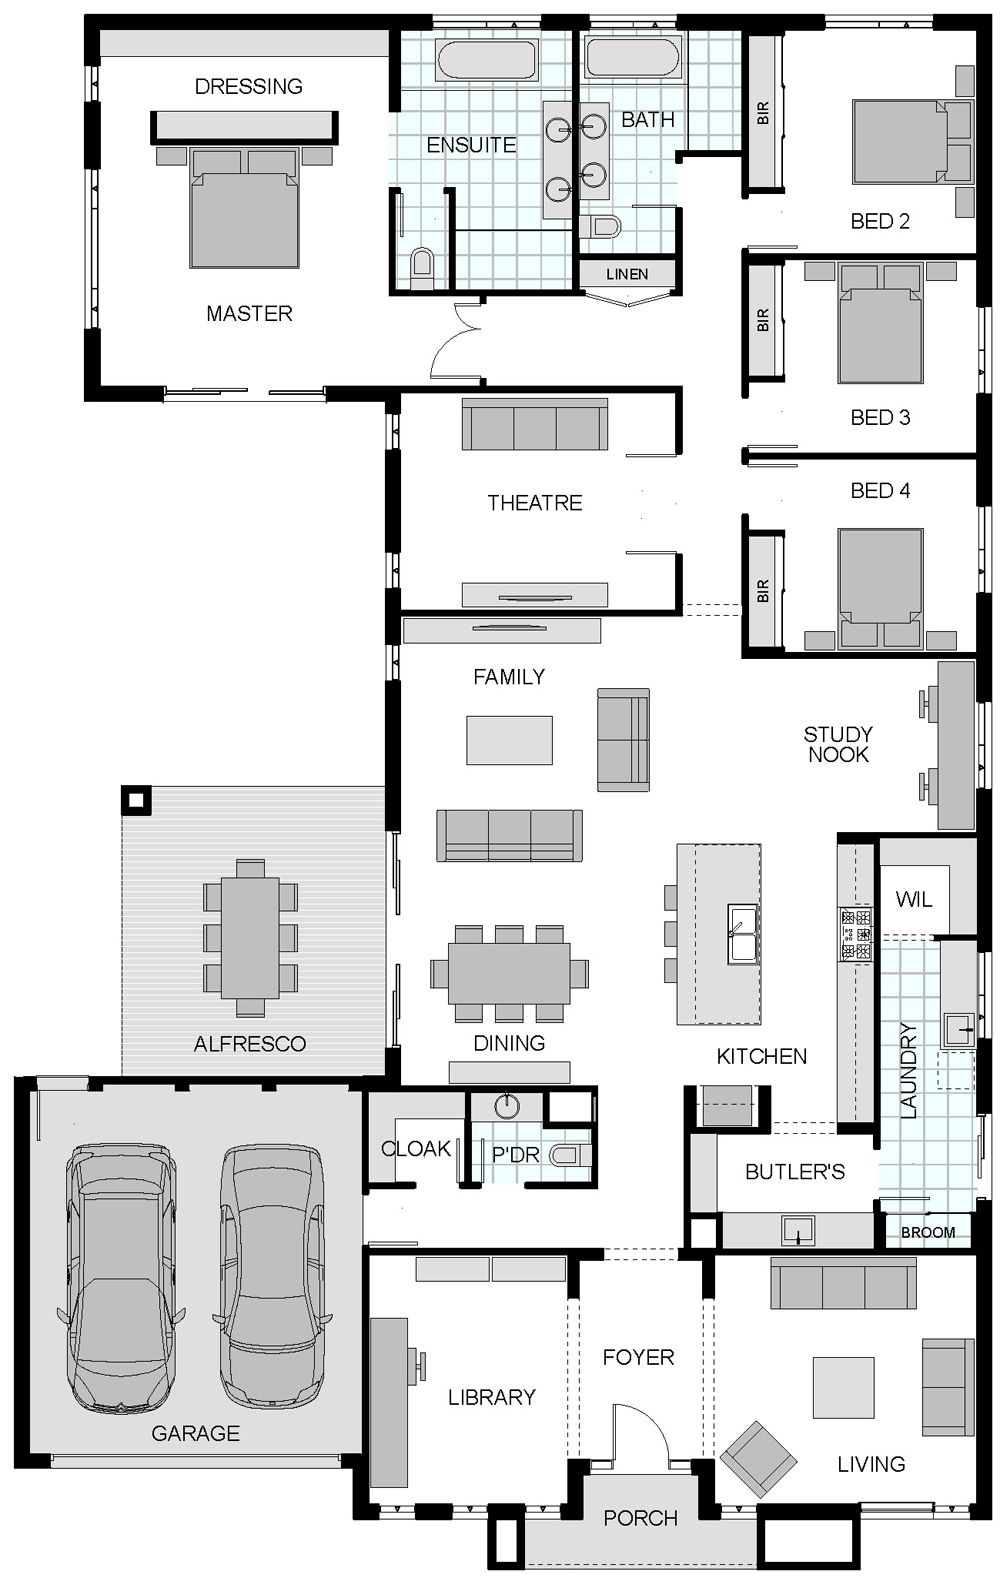 Home Plan Maison Architecte Plan Maison Maison Familiale